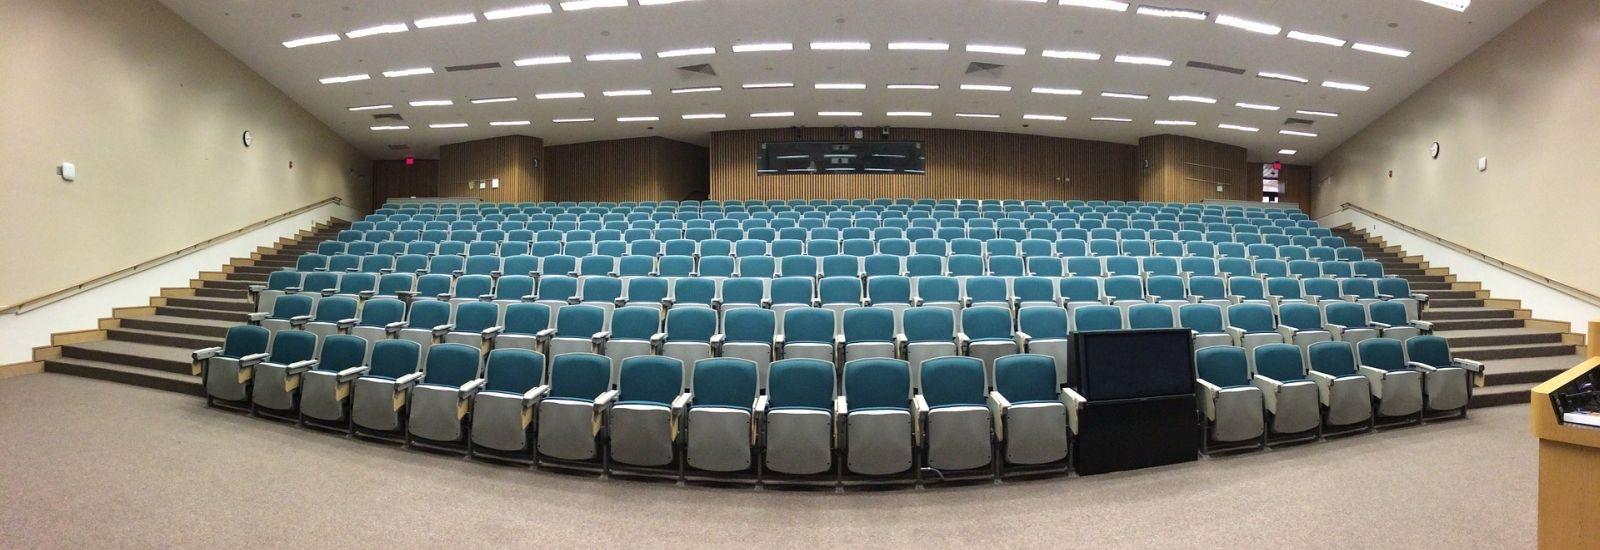 auditorium-_1600x550